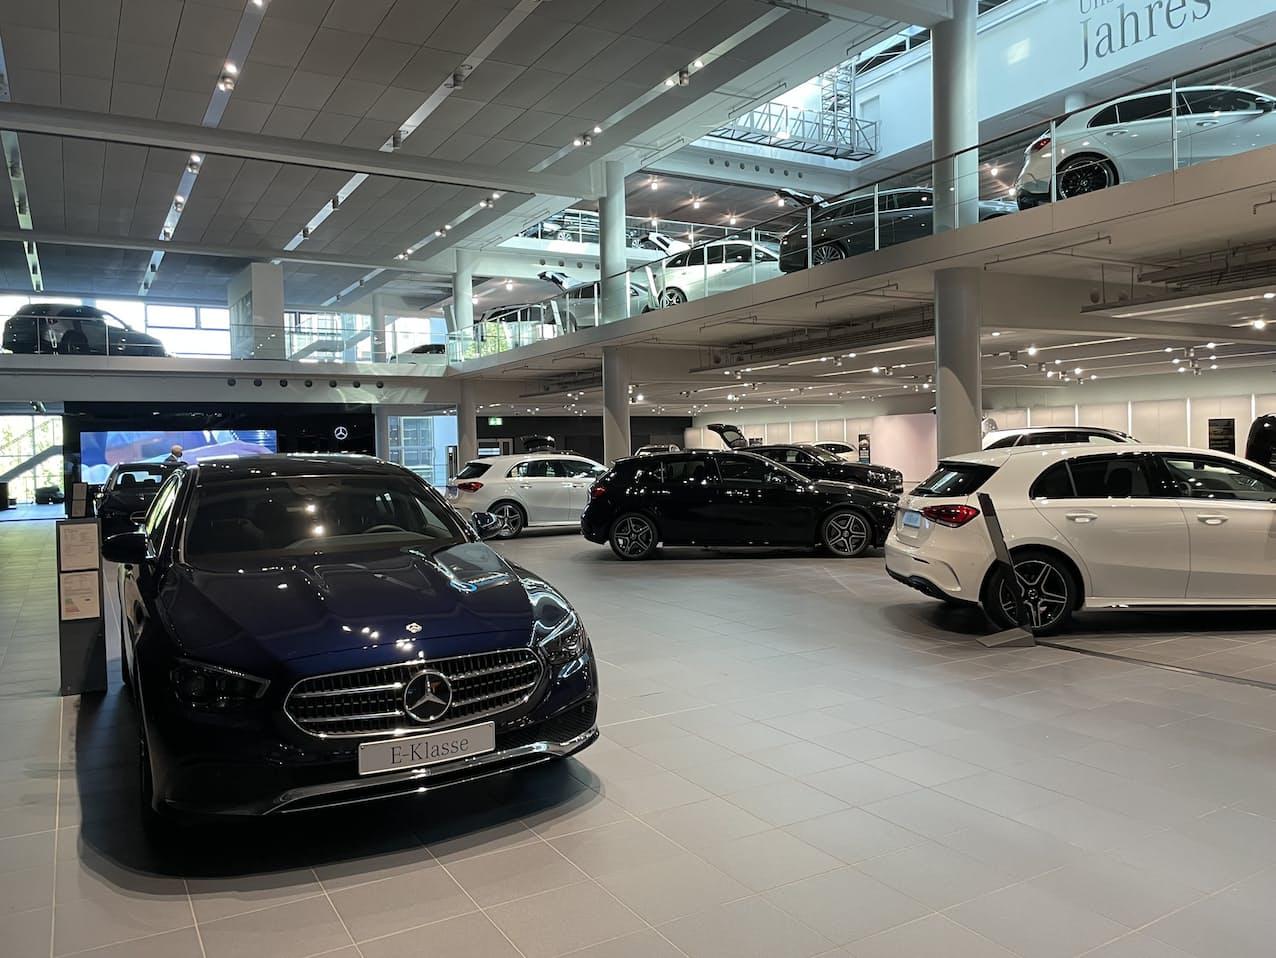 新車販売に半導体不足の影響が顕在化してきた(写真は独ミュンヘンのメルセデス・ベンツの販売店)